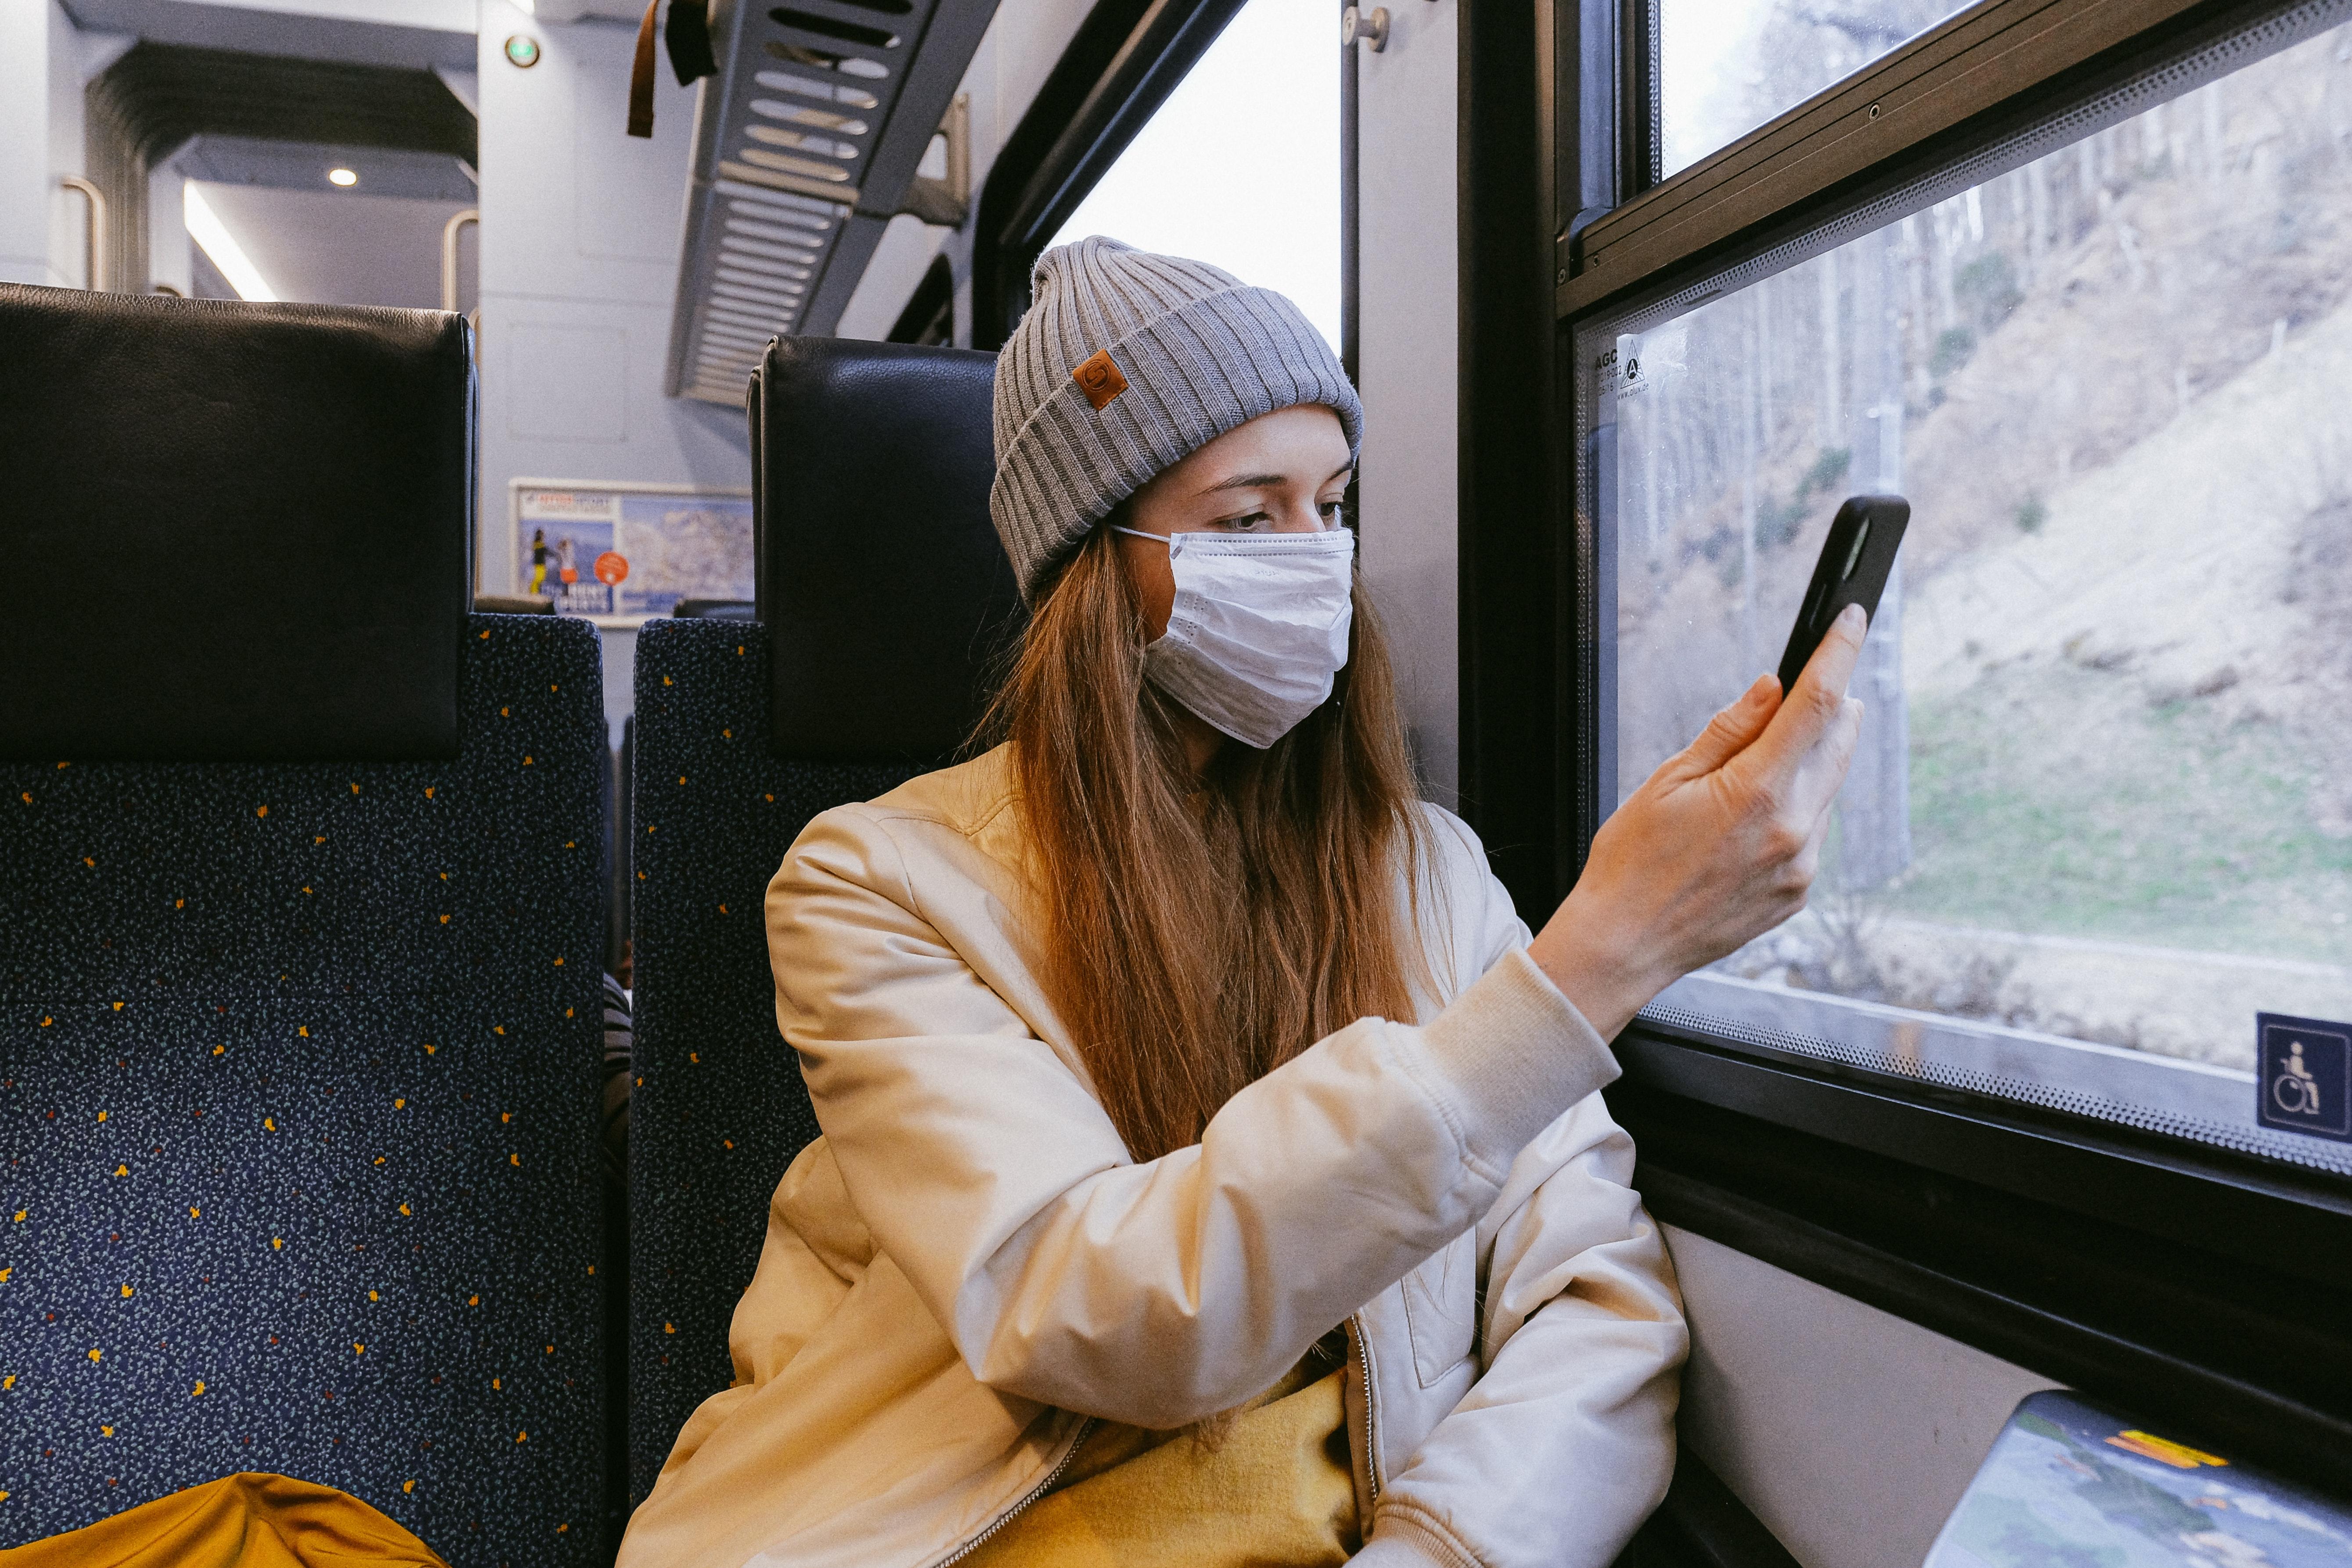 Heqja e maskës për të zhbllokuar telefonin një risk më vete, autoritetet kërkojnë zgjidhje nga Apple